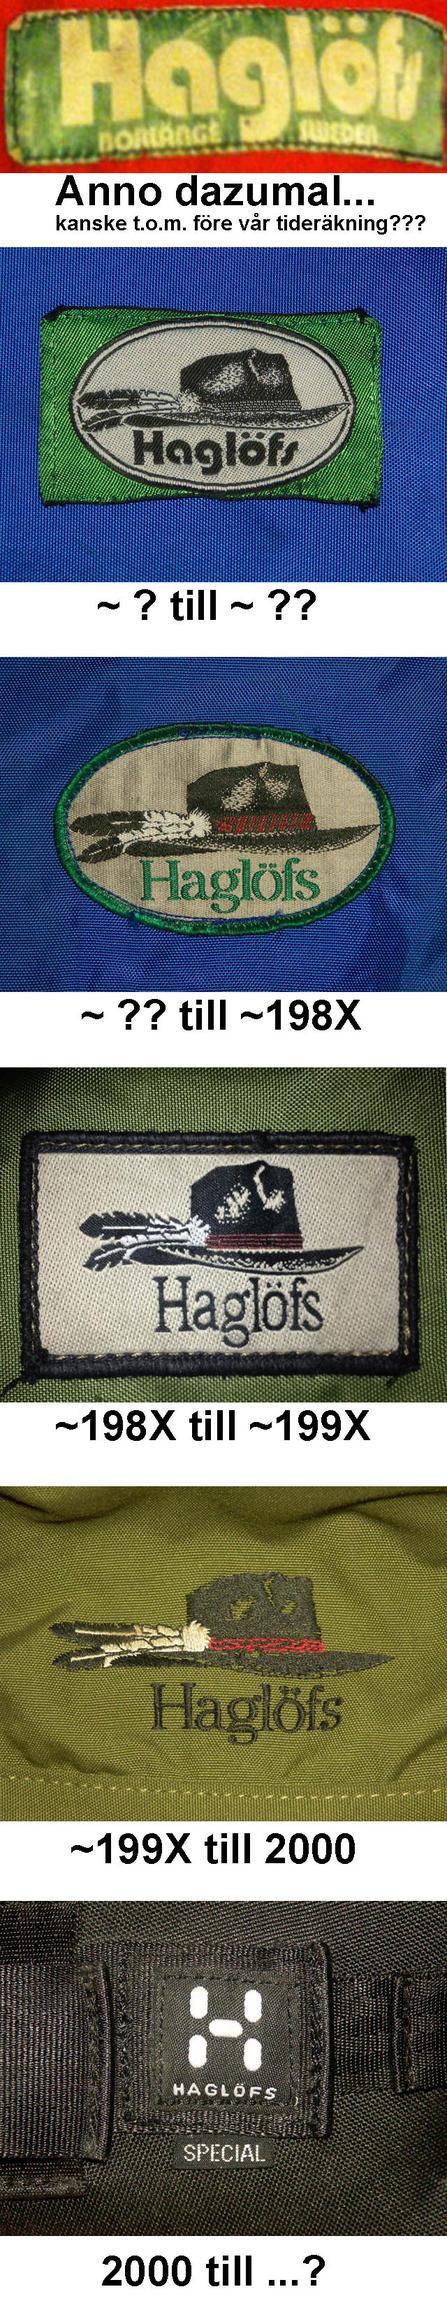 och då kom vi in på Haglöfs märken logotyper på (främst Alaska)ryggsäckarna   Vilket märke under Vilken tid  Har någon något ytterligare att bidra med  27951ce2613ac